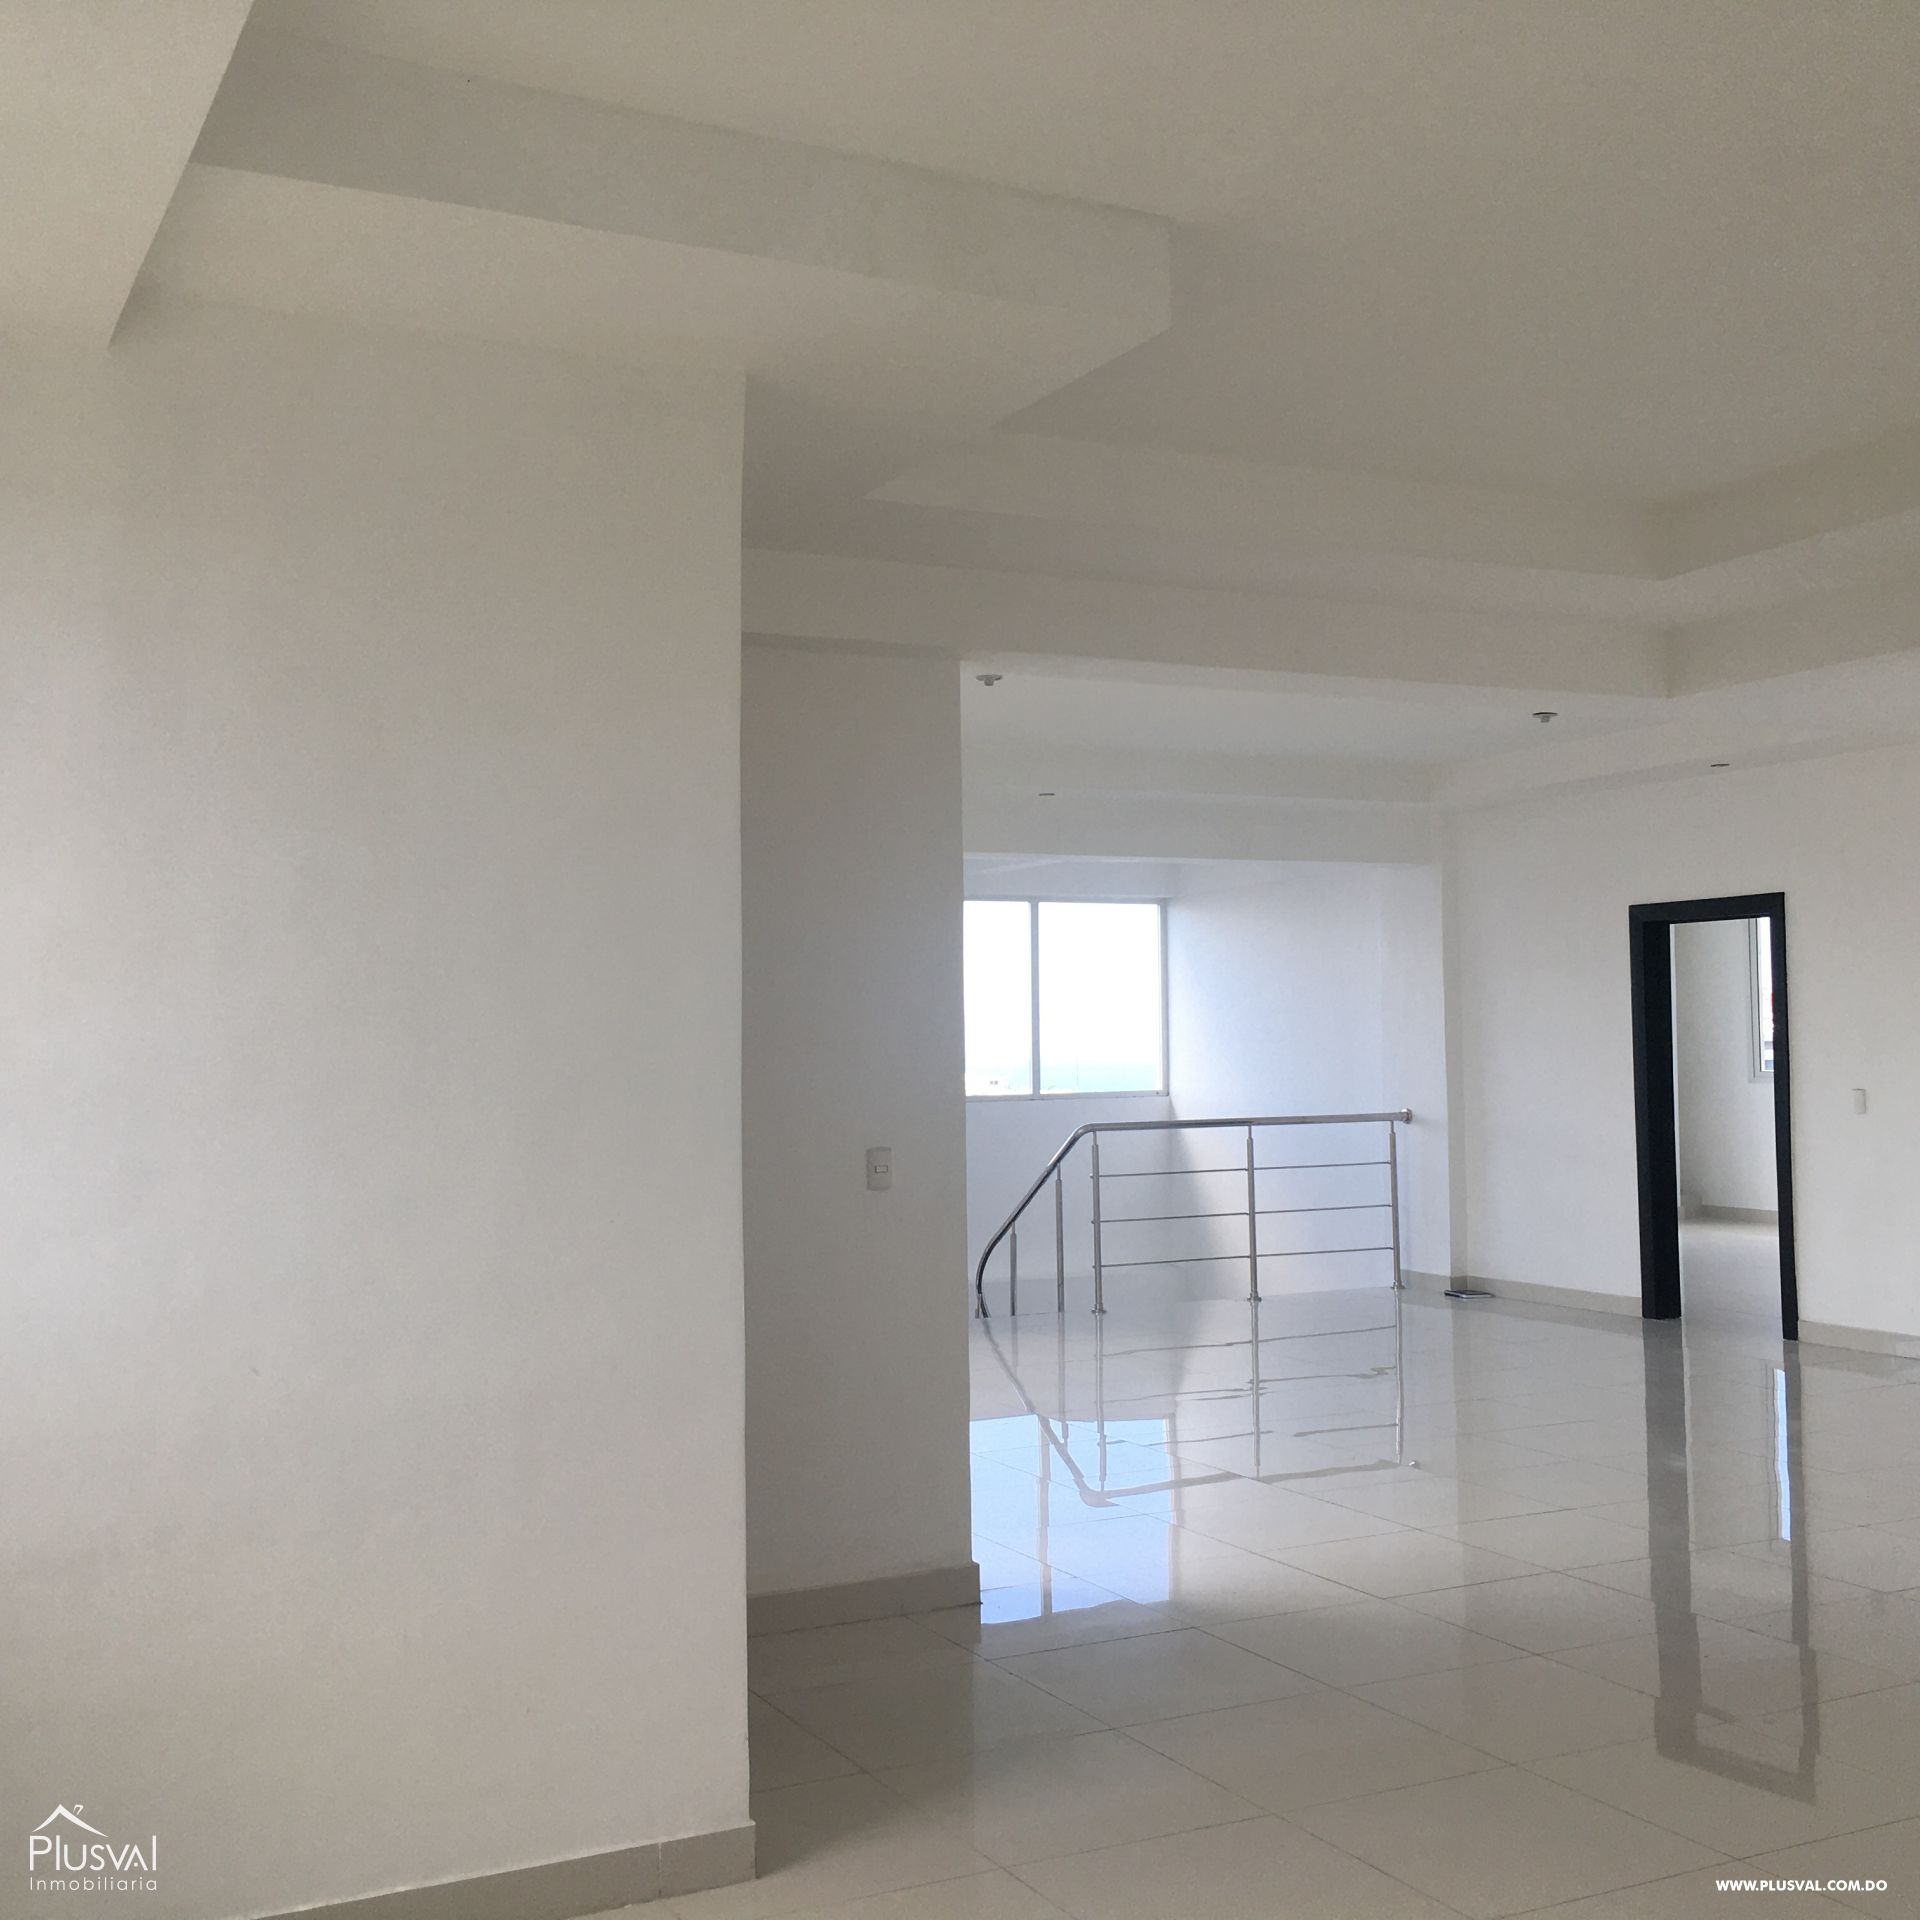 Penthouse en venta, Mirador Norte 169508